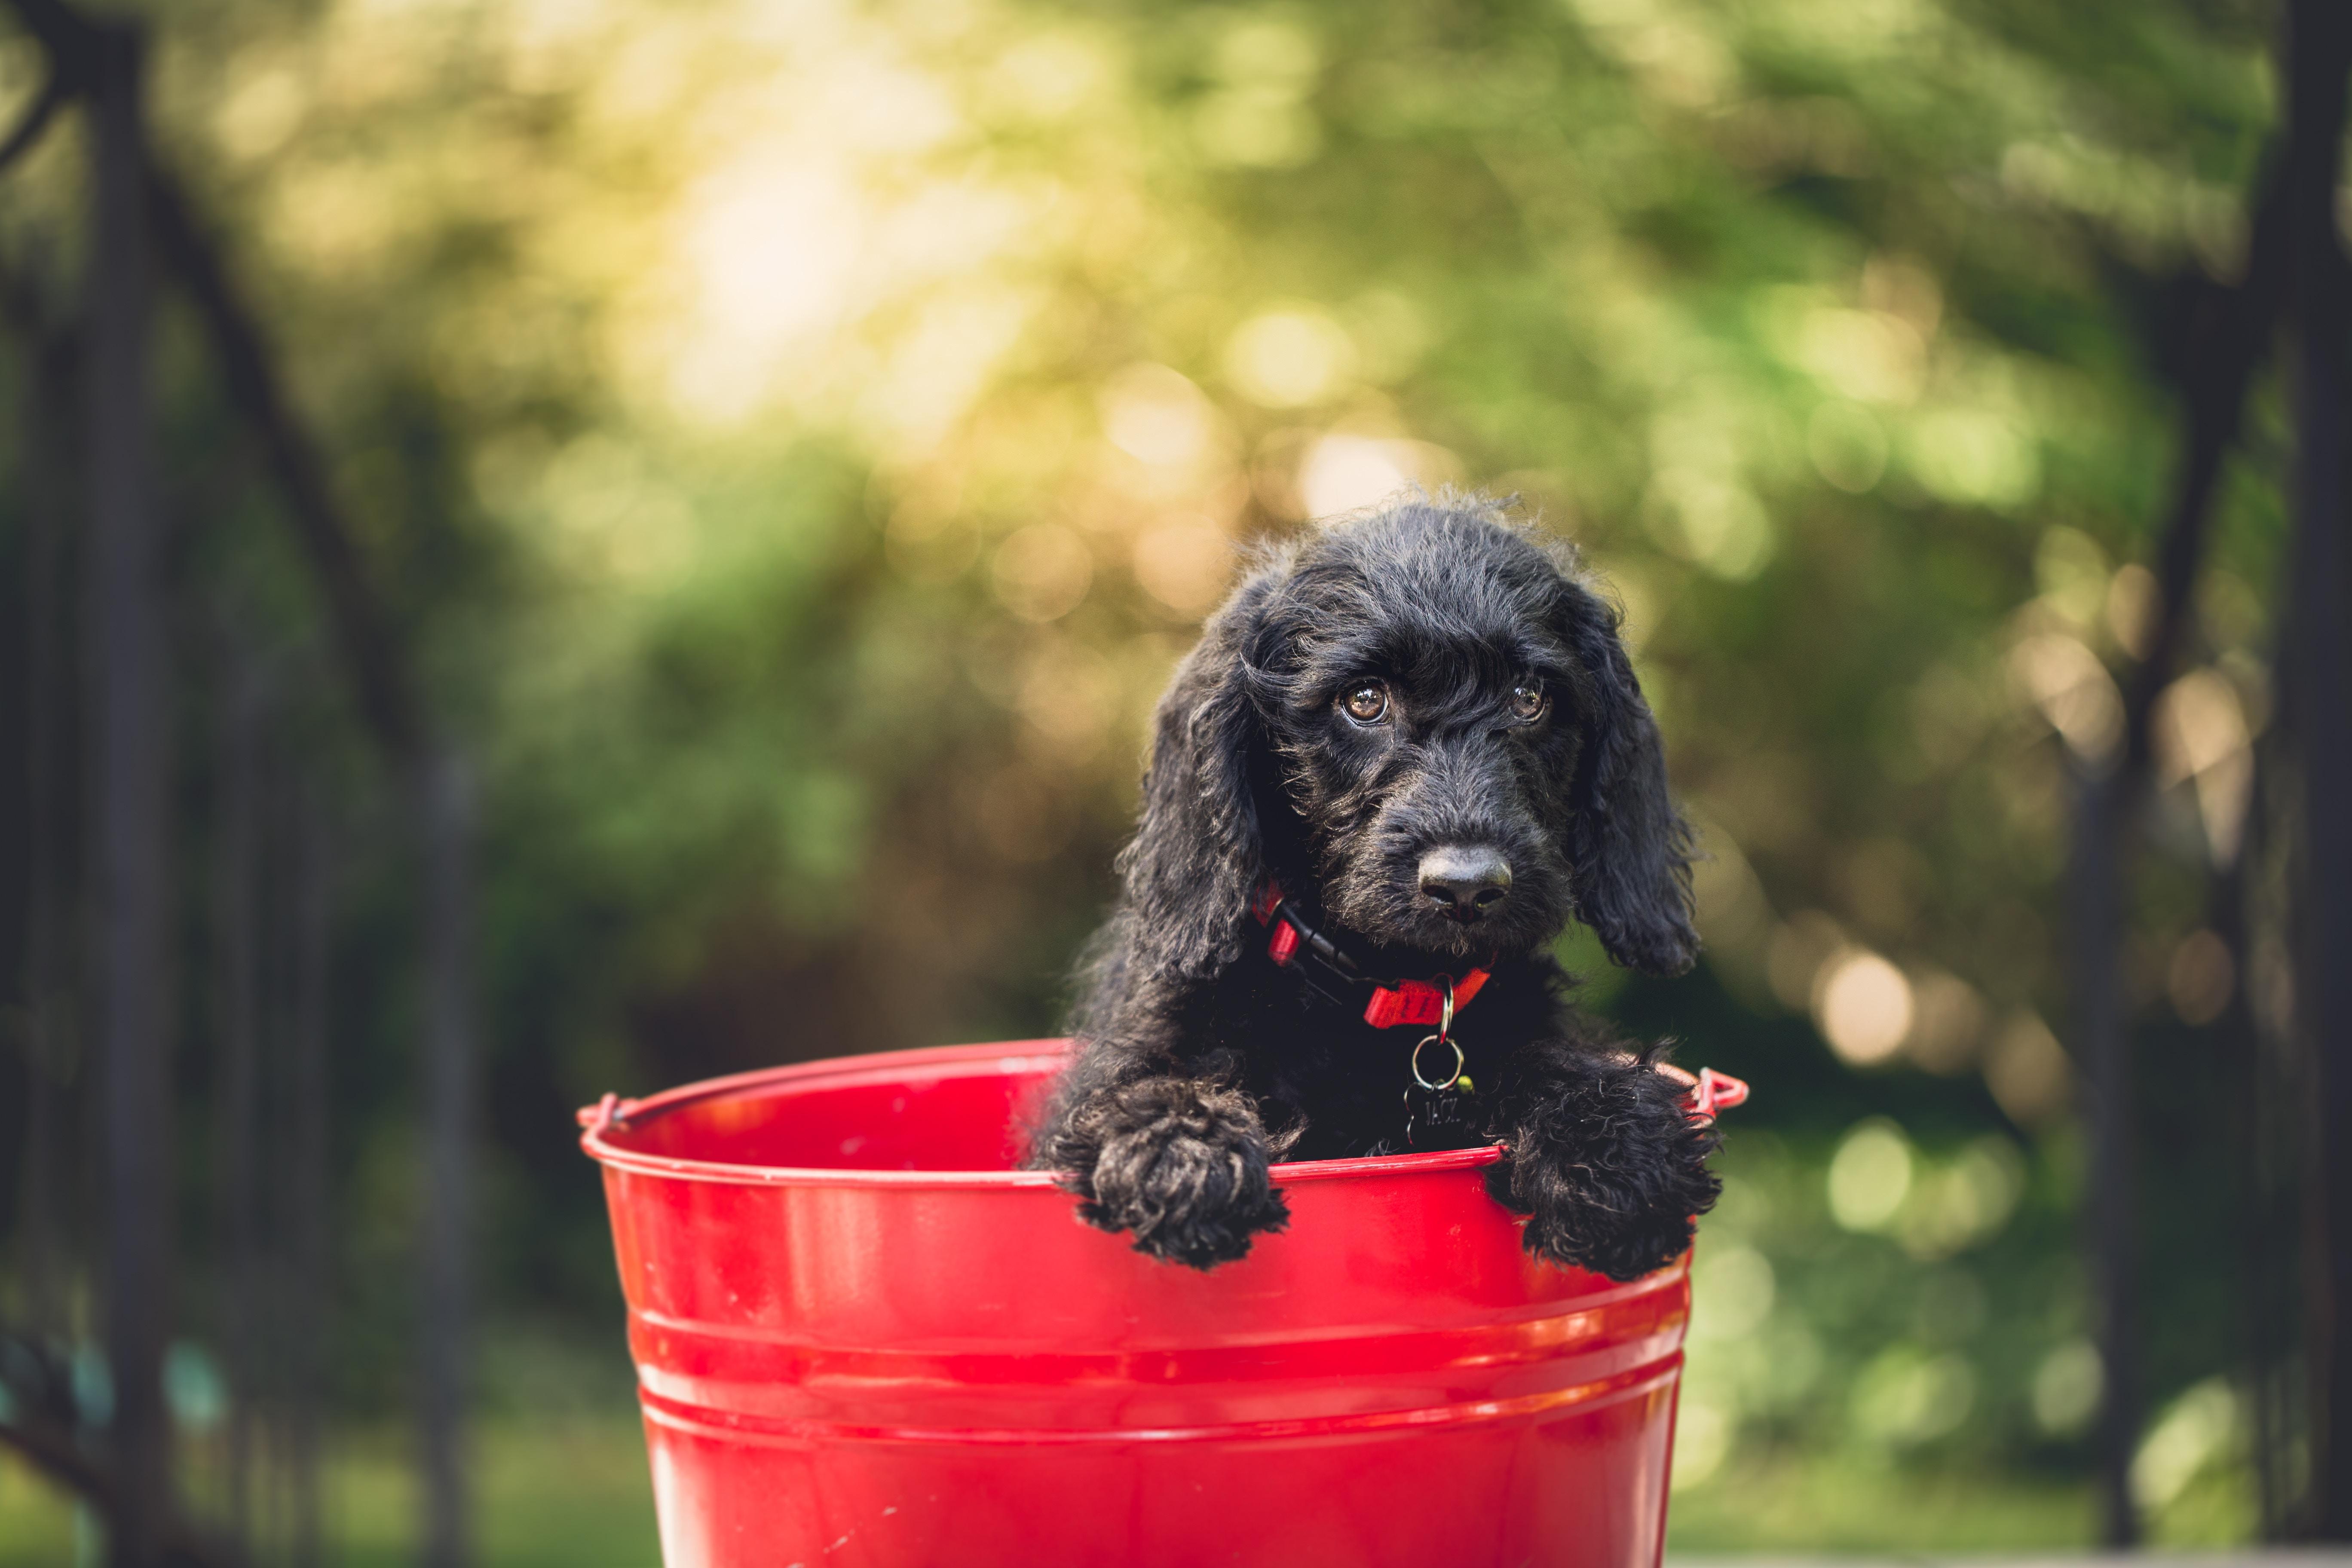 赤い缶に入っている、黒い犬